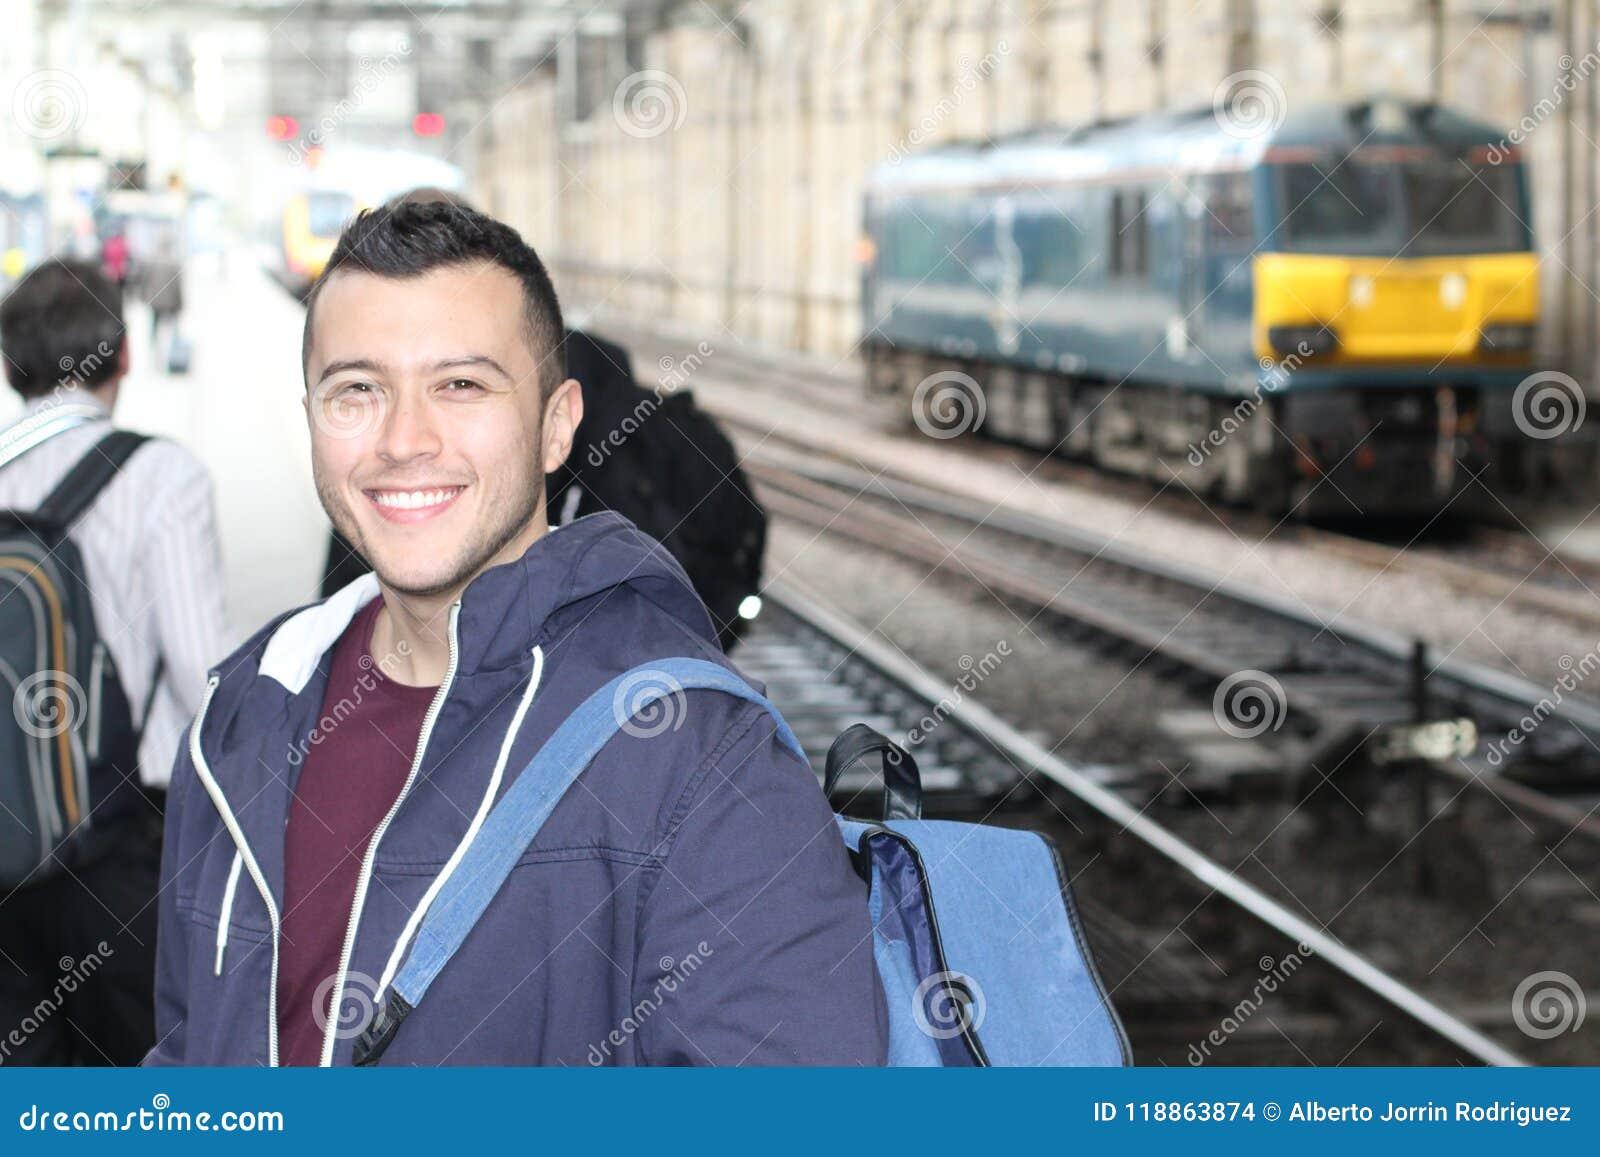 El varón étnico joven durante su diario conmuta